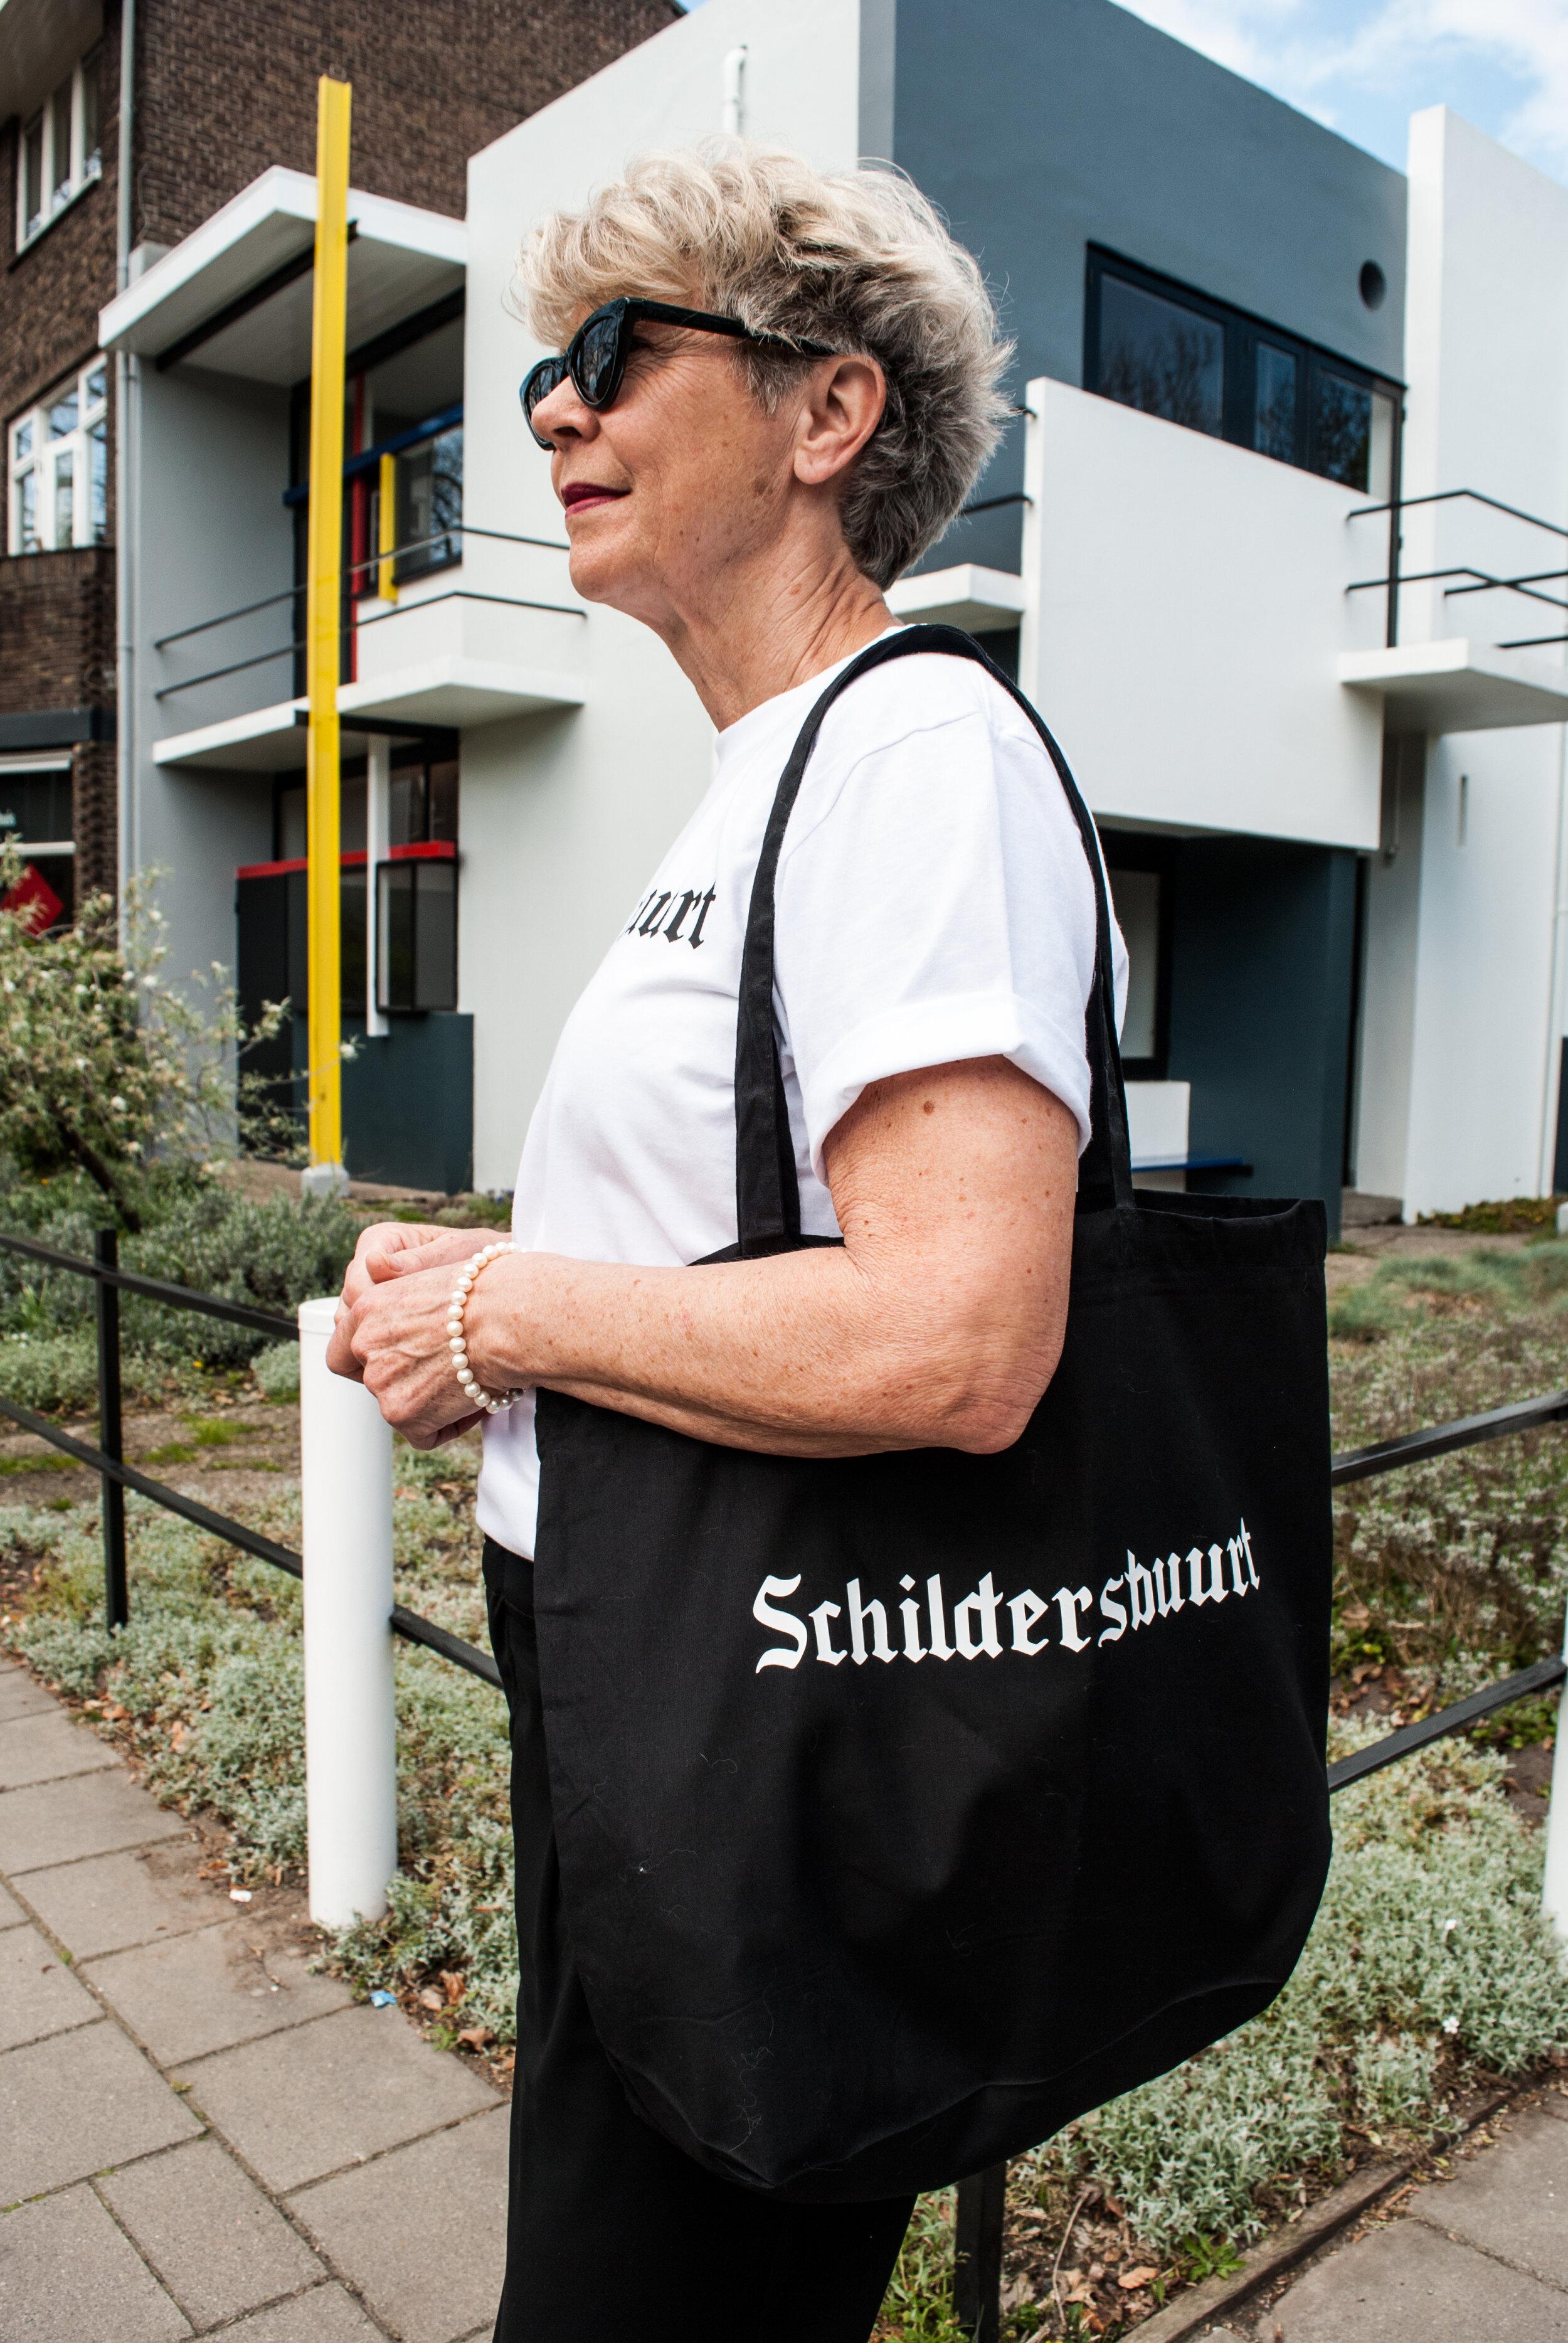 Schhilderswijk_DSC_0036.jpg